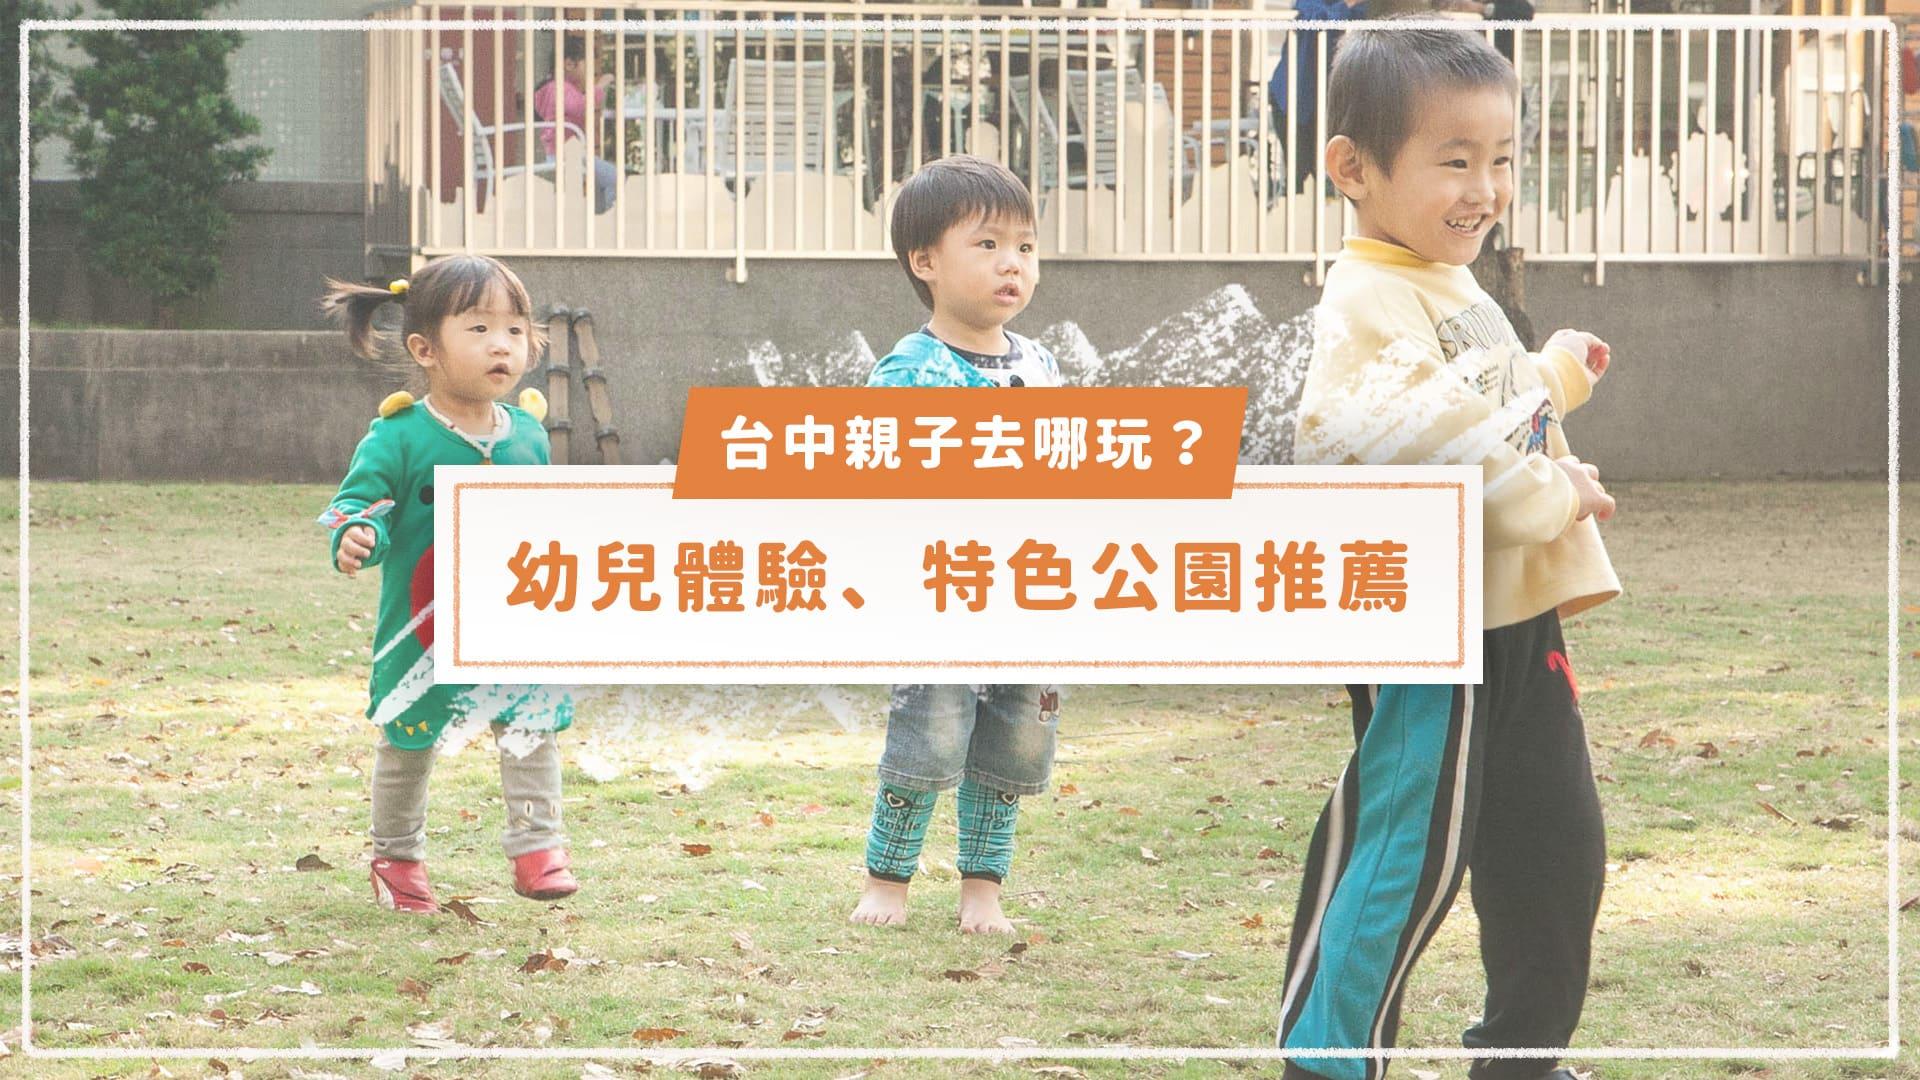 台中親子去哪玩?優質幼兒體驗、免費特色公園推薦各位把拔馬麻!